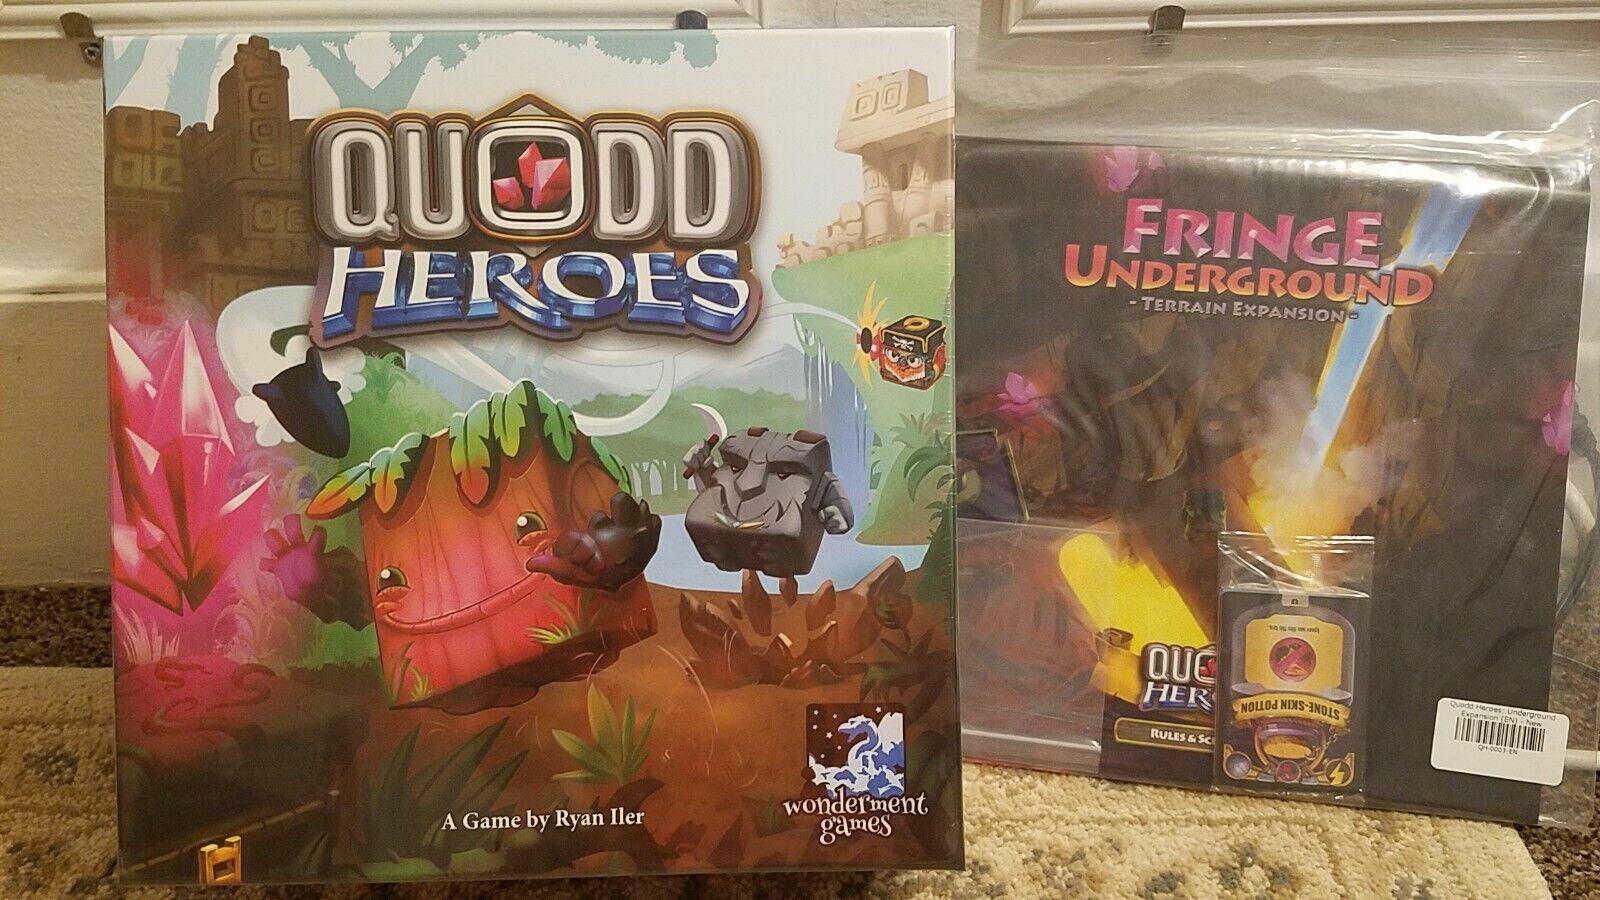 Quodd Heroes-pédale de démarrage Exclusive Edition avec terrain Expansion